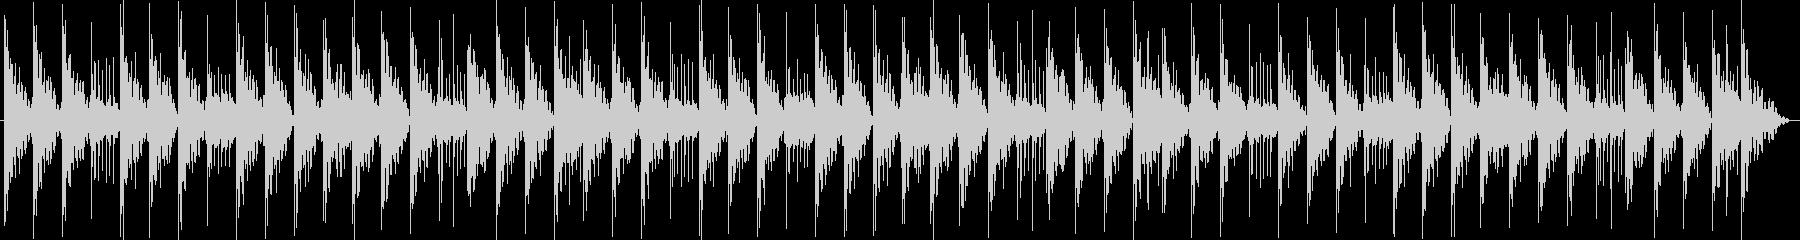 エレクトリックピアノの和音からのサ...の未再生の波形